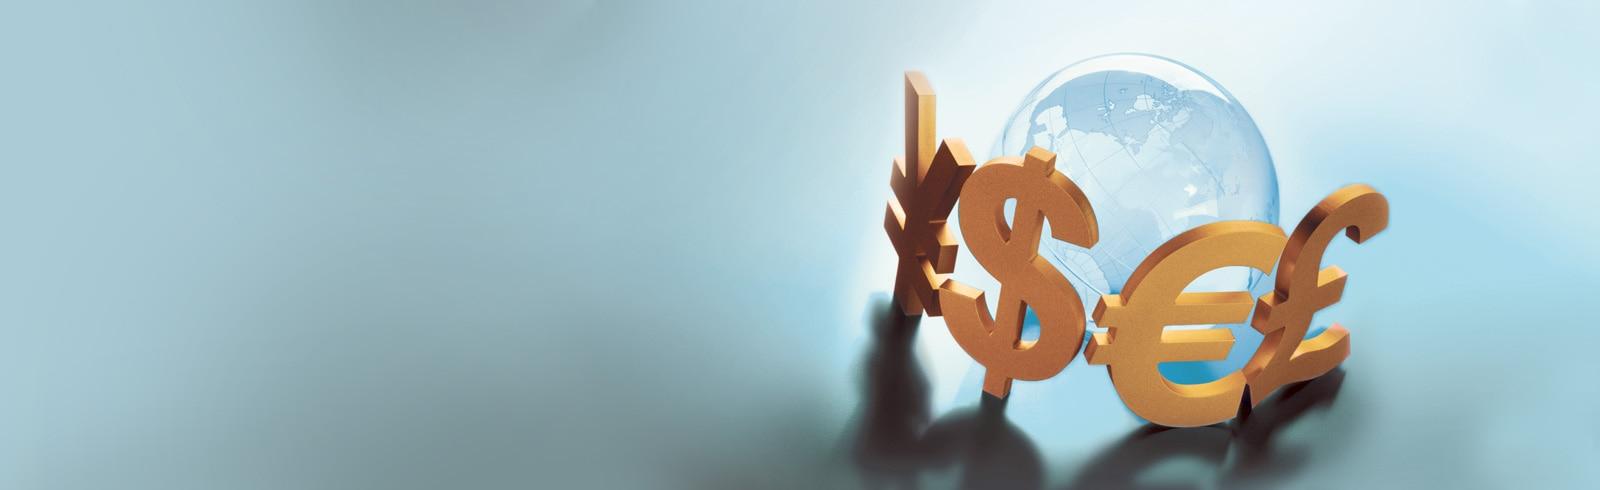 4個金色的貨幣符號包圍着玻璃地球儀